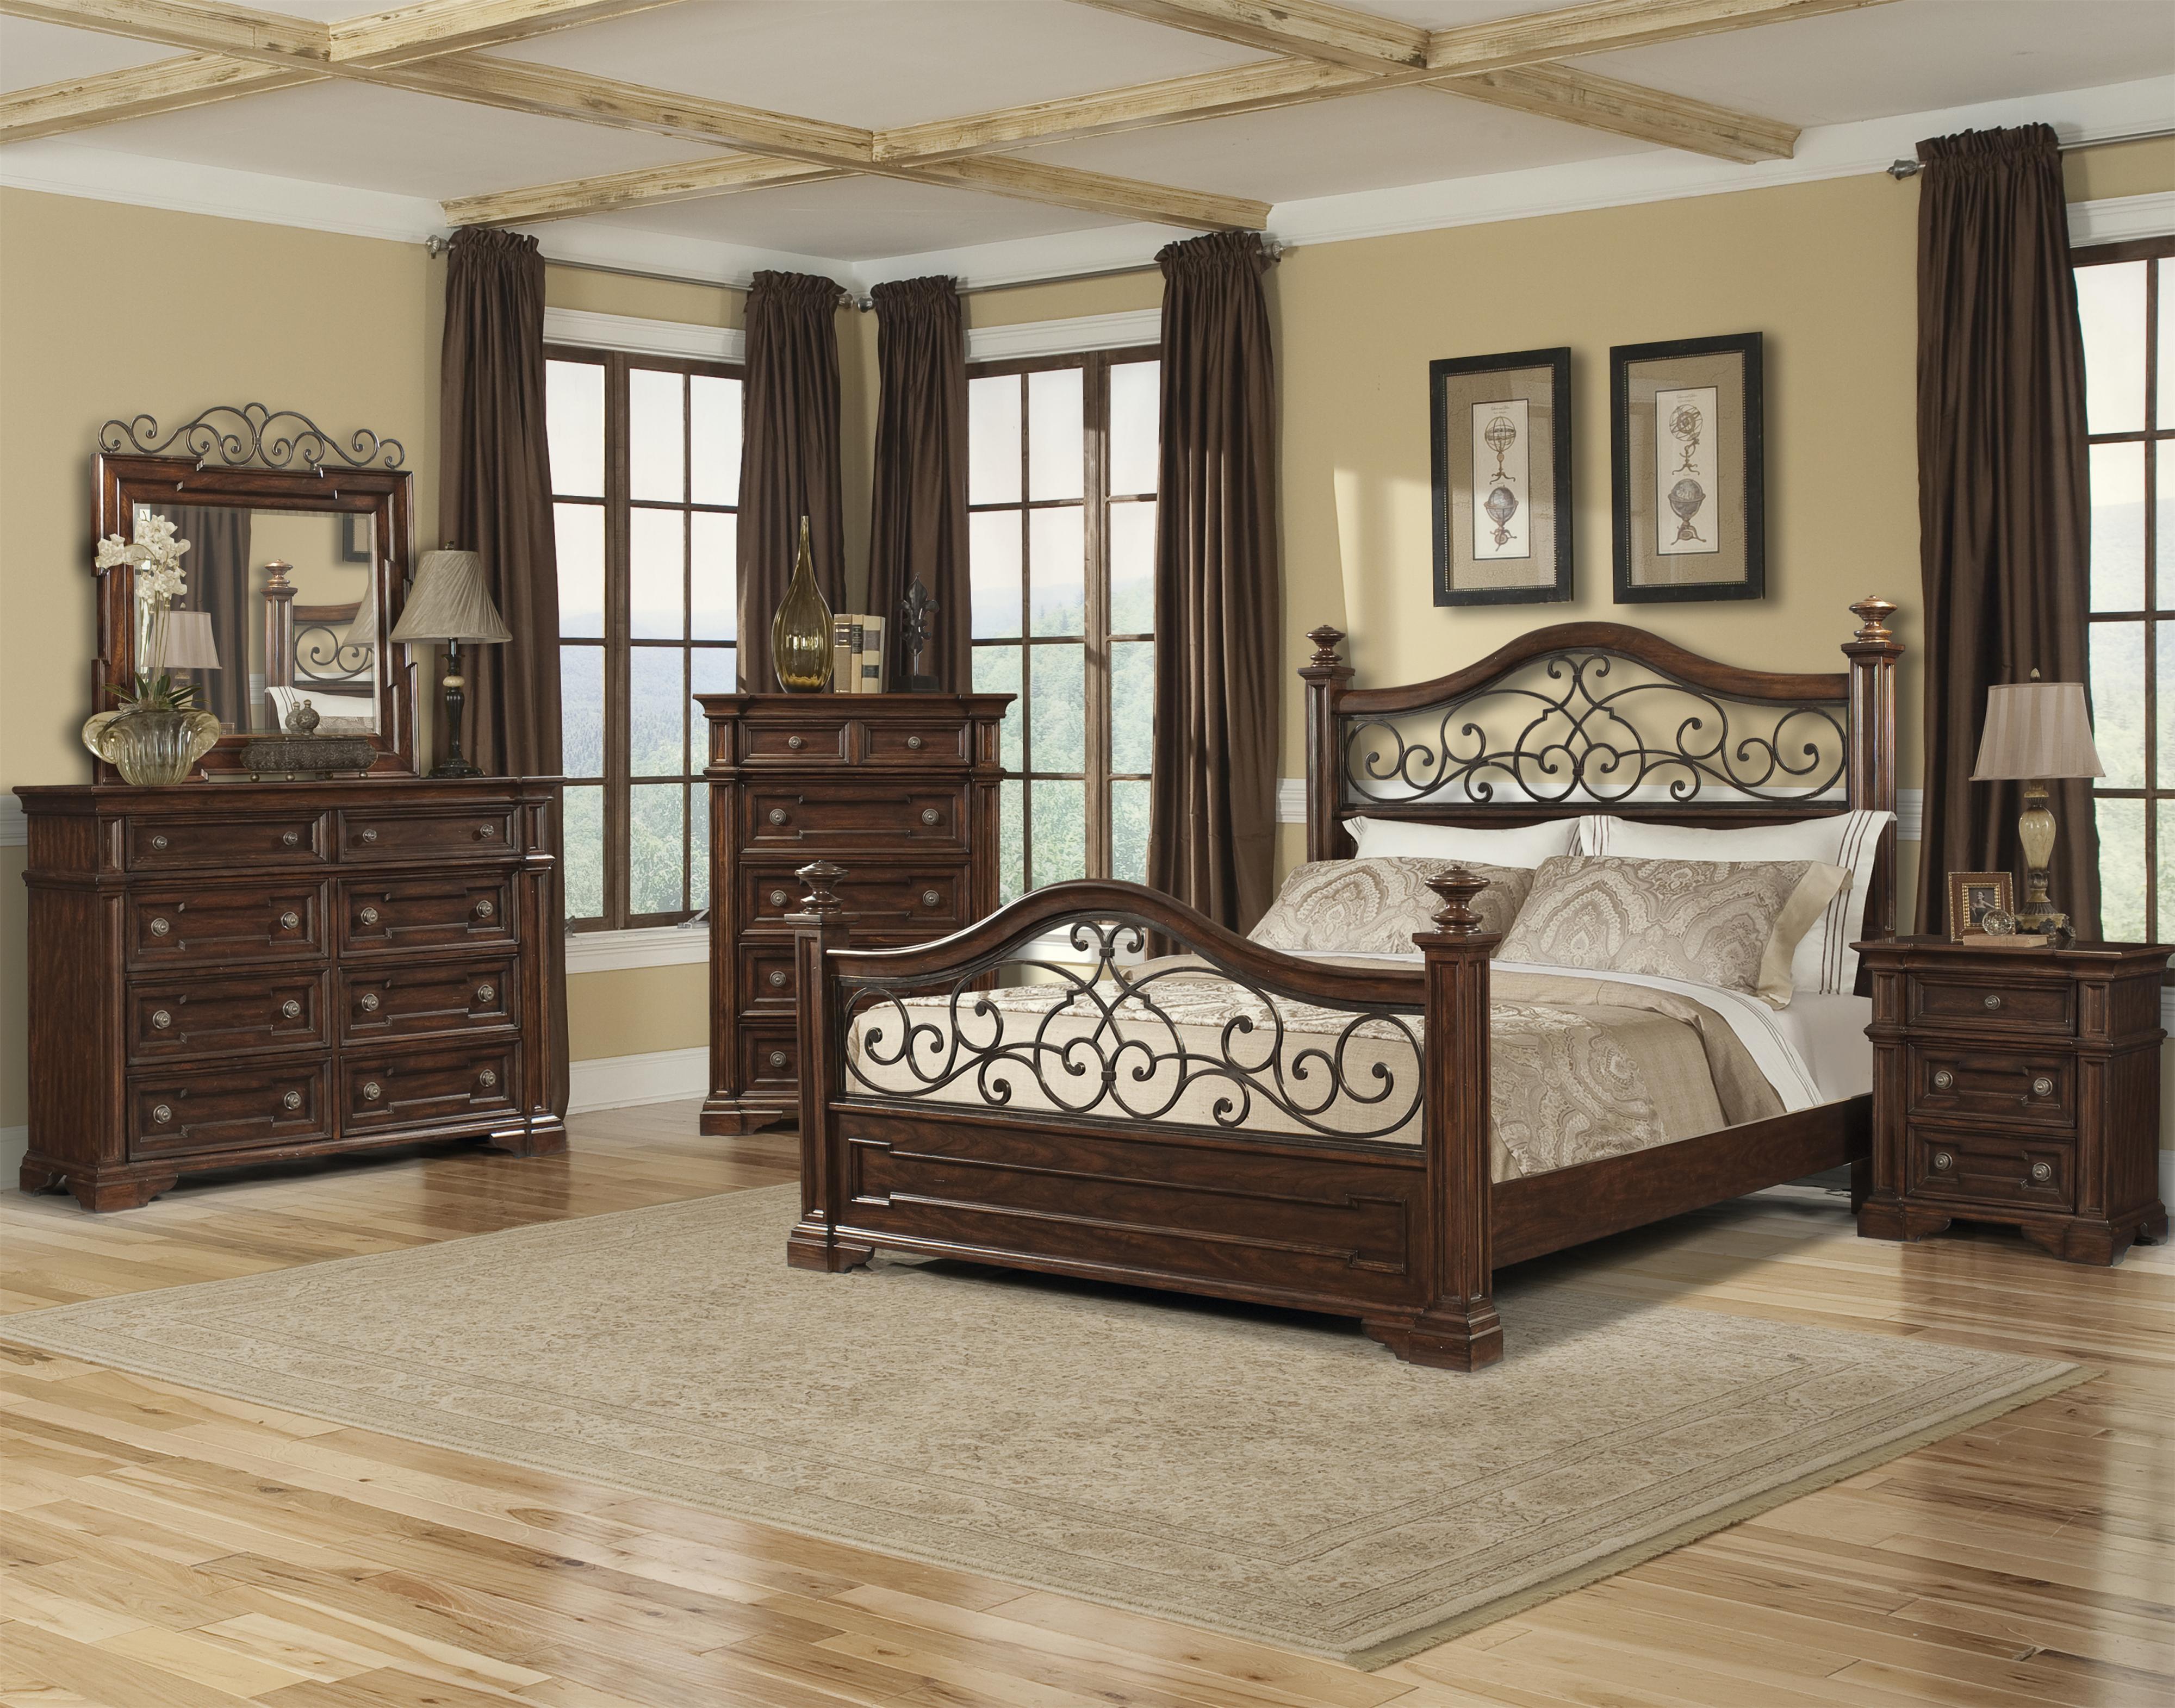 Belfort Basics Chesterbrook Queen Bedroom Group - Item Number: 872 Q Bedroom Group 1